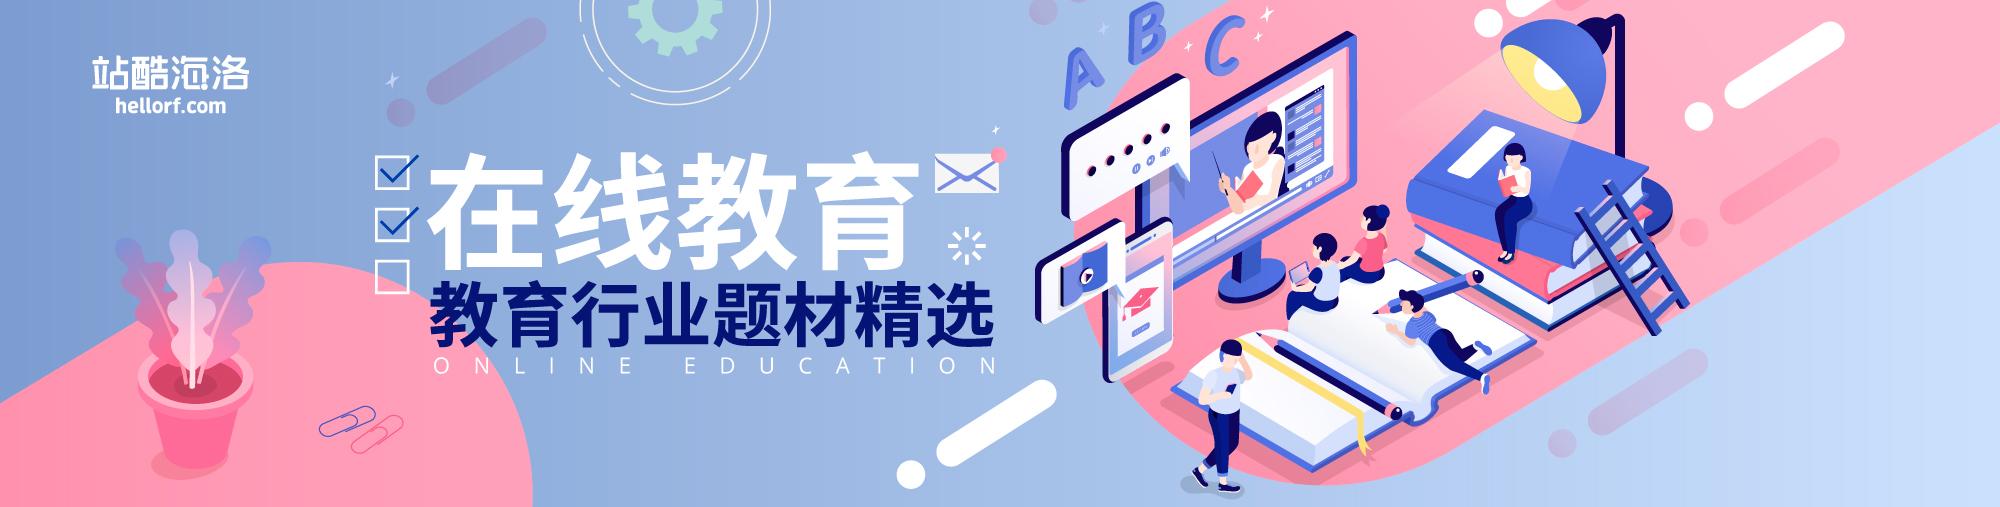 2000-507-在线教育.jpg